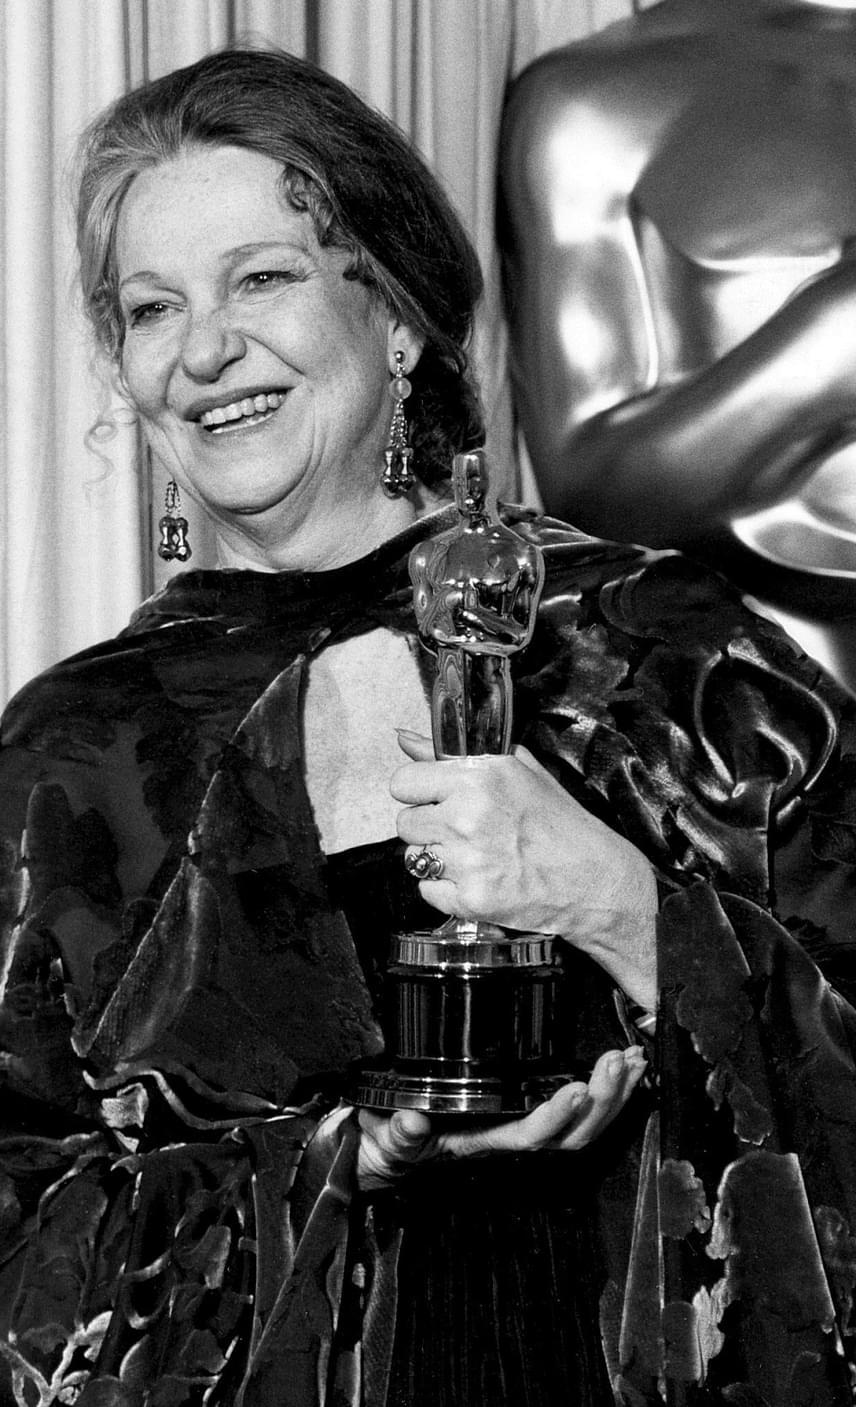 Geraldine Page-nek is sokat kellett sorban állnia, mire tehetségét aranyszoborral ismerte el a Filmakadémia. 1954-től kezdődően nyolcszor jelölték, de csak 32 évvel később - 1986-ban - a nyolcadik jelölését tudta díjra váltani az Út az ismeretlenbe című filmdrámáért. Egy évvel később pedig elhunyt - 67 éves volt.